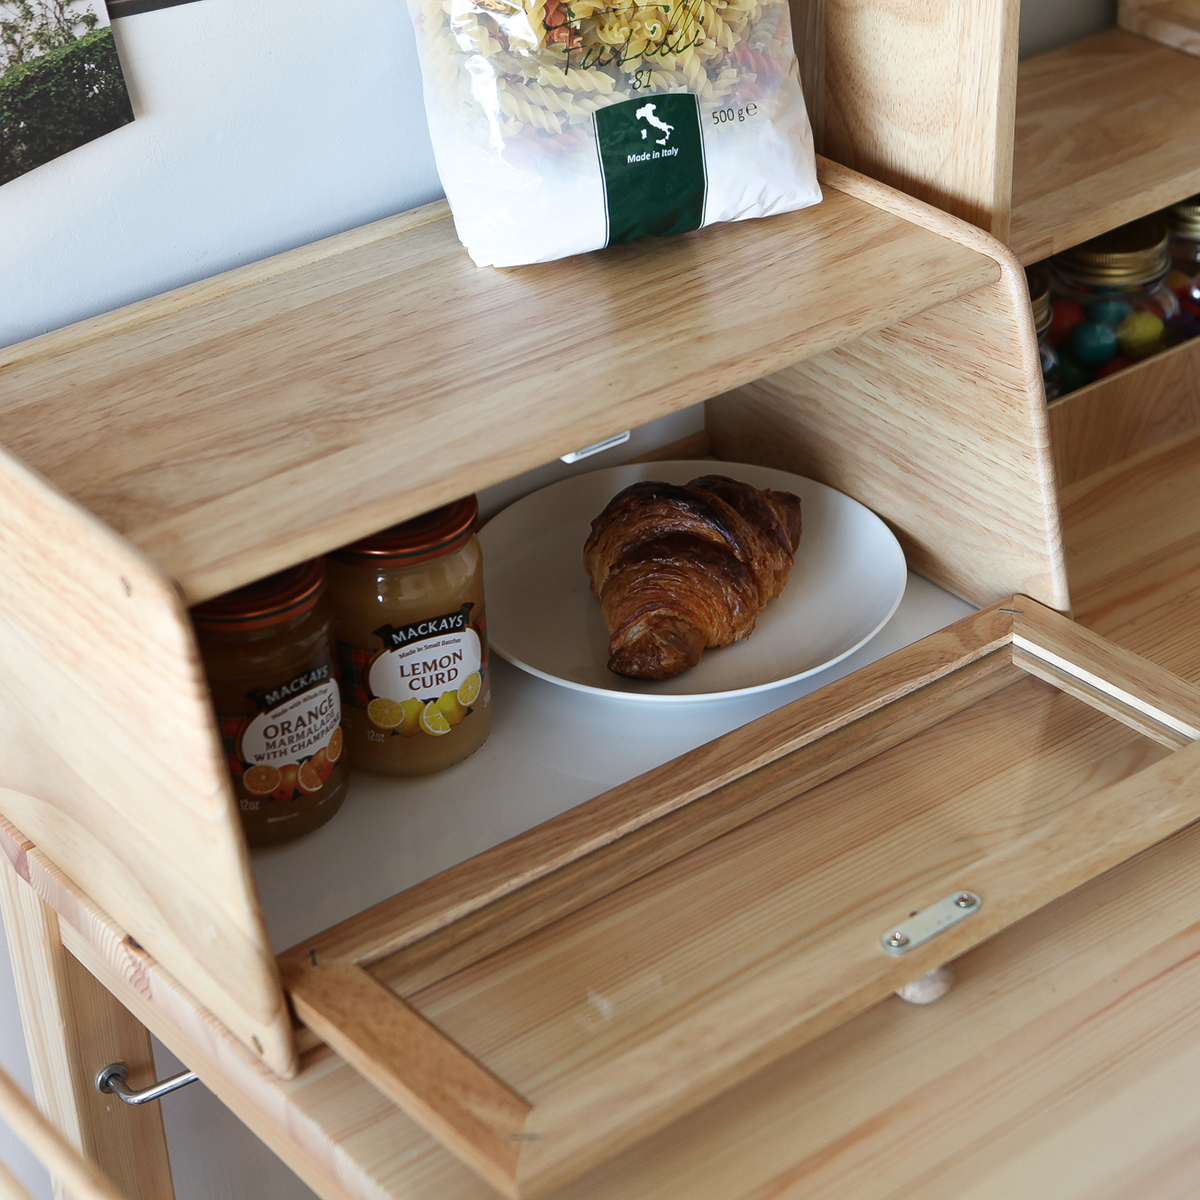 Hộp Để Gia Vị Đồ Dùng Nhà Bếp Bằng Gỗ A Bread Case Nội Thất Kiểu Hàn BEYOURs